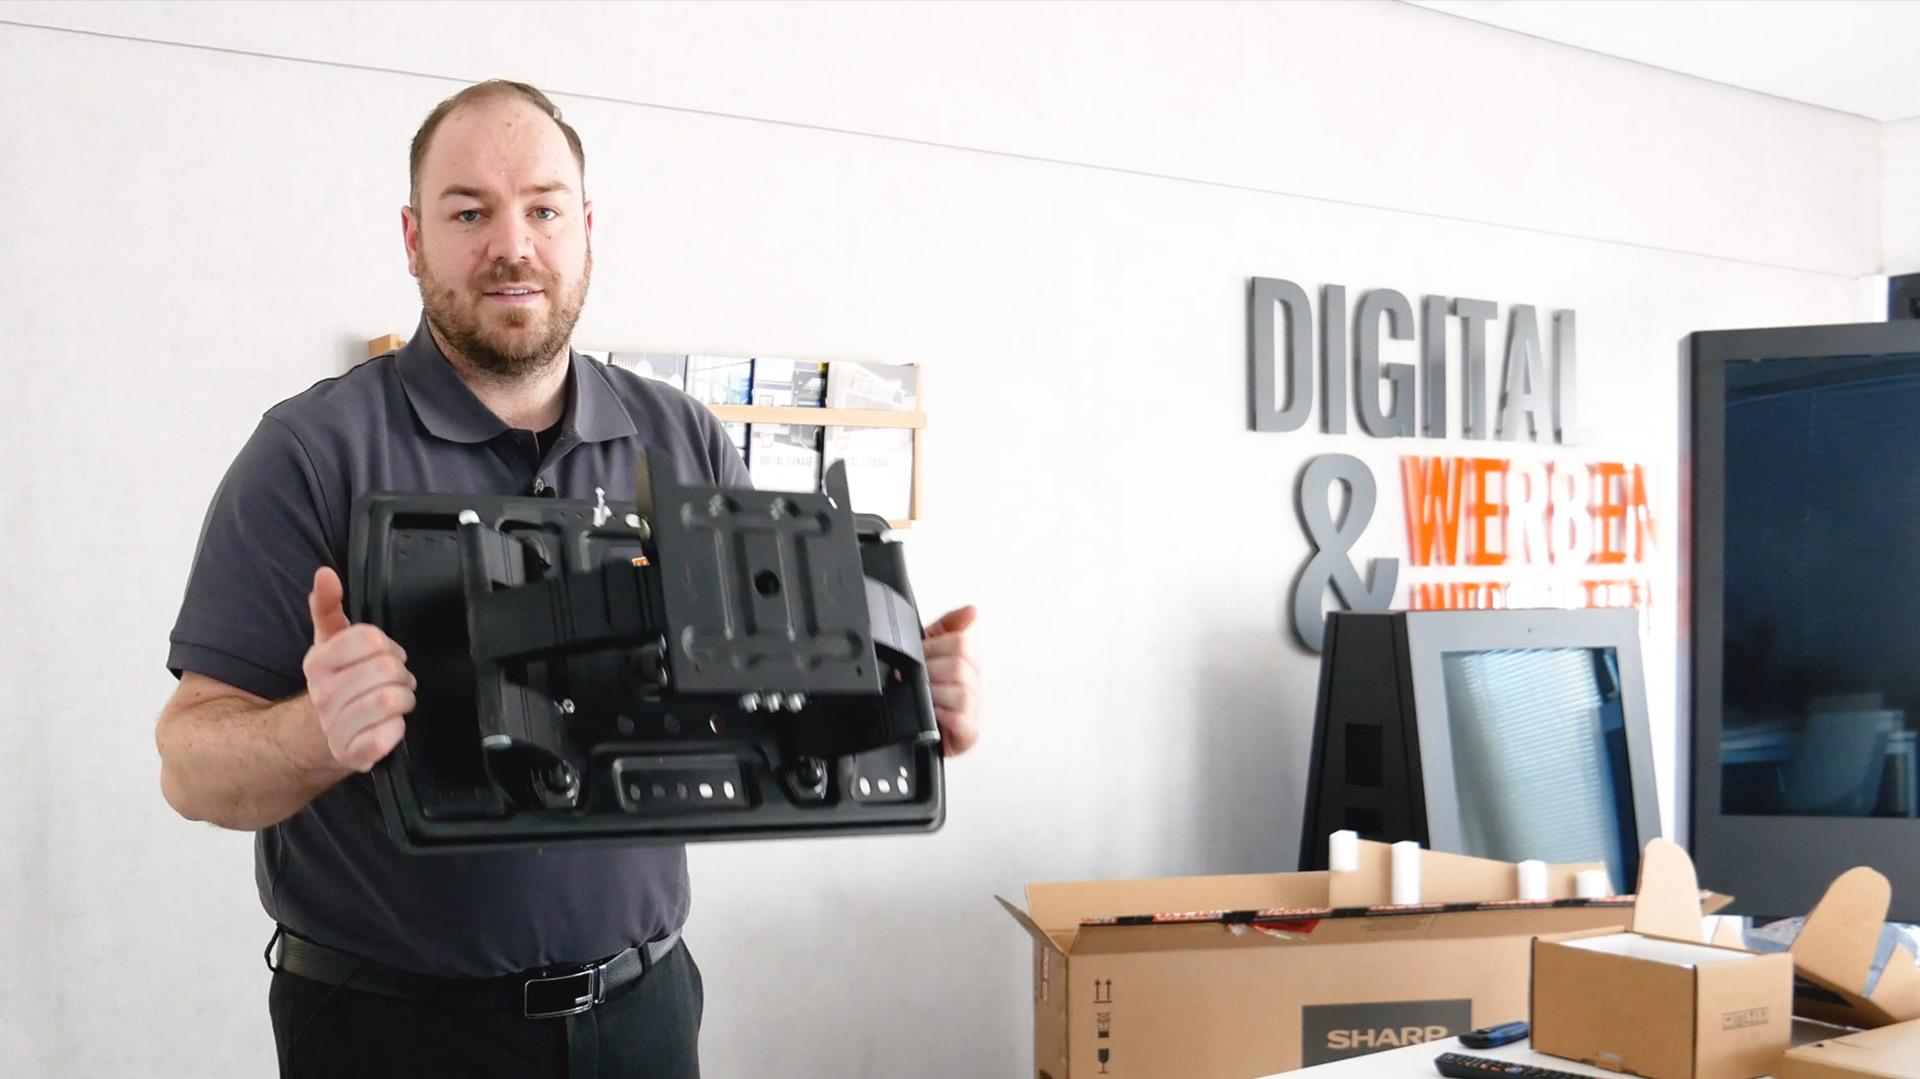 Wir packen mit euch zusammen unser Digital Signage System aus, zeigen euch die Bestandteile und gehen mit euch die Installation und Verkabelung durch.